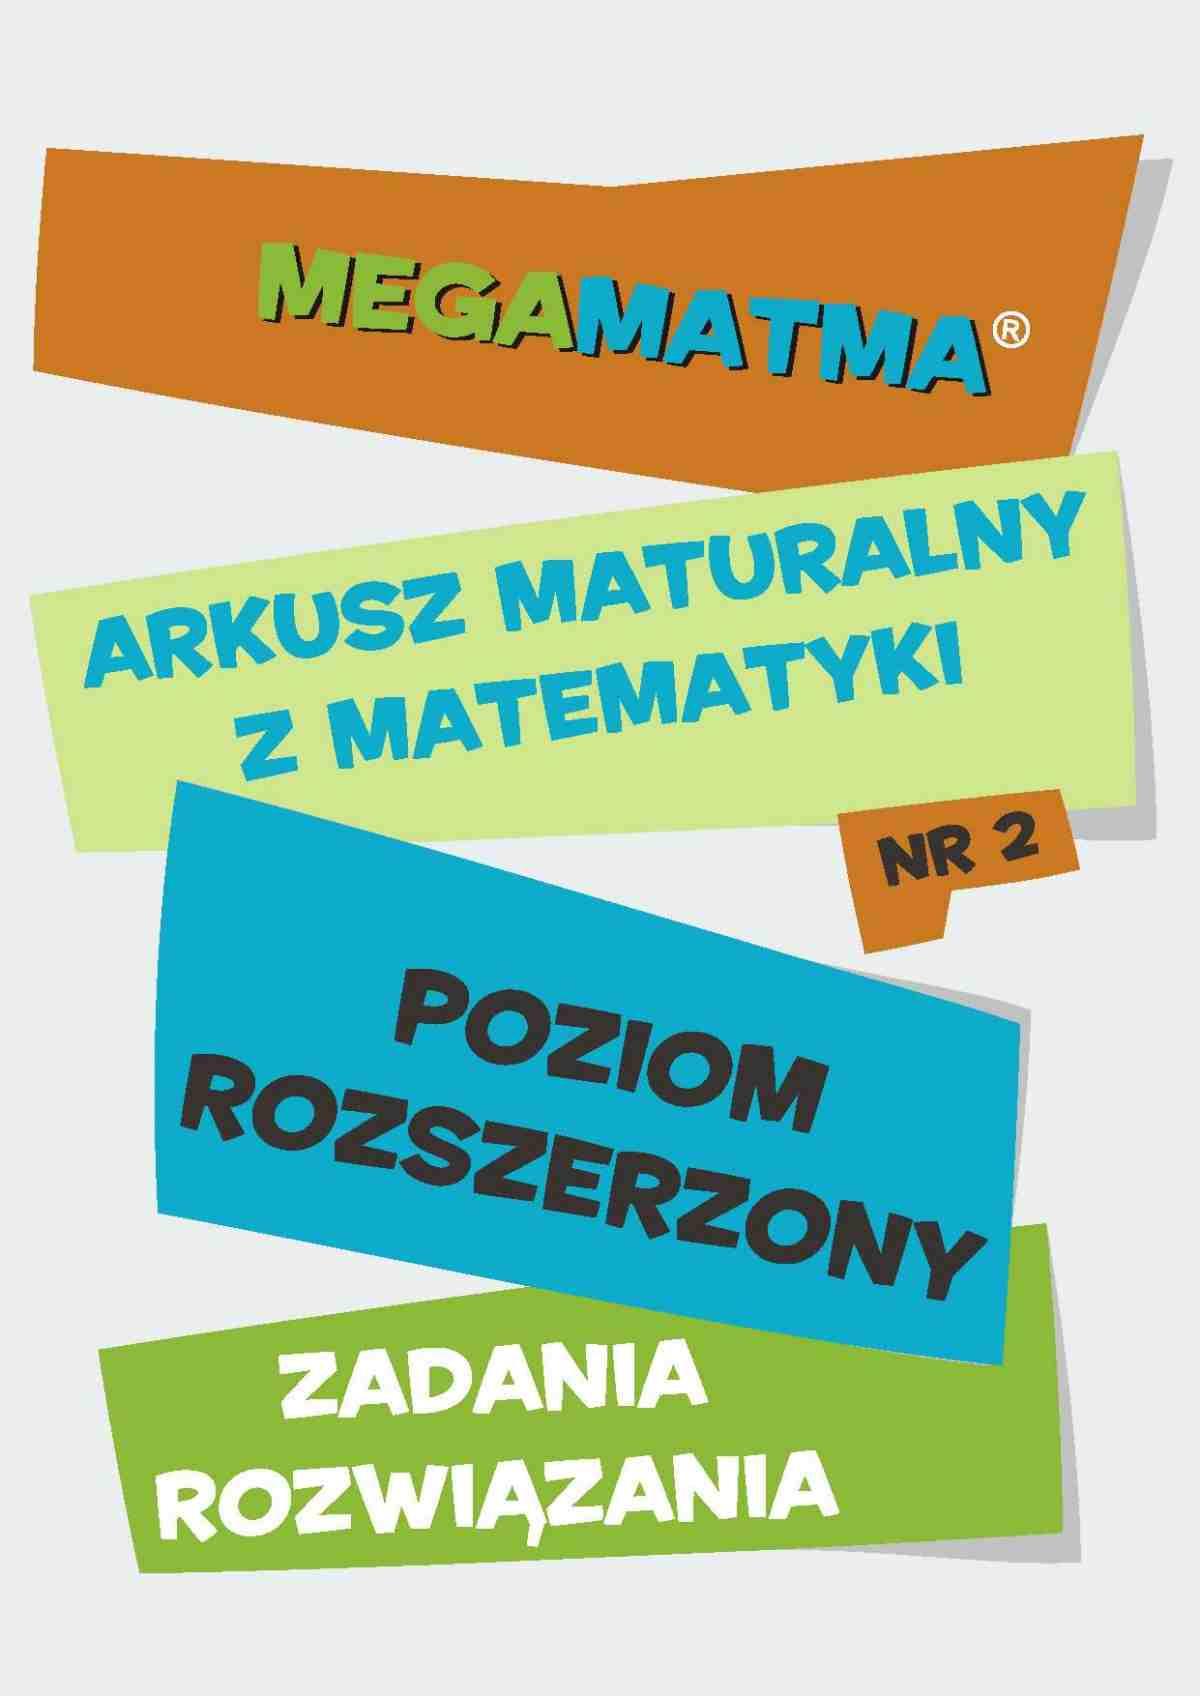 Matematyka-Arkusz maturalny. MegaMatma nr 2. Poziom rozszerzony. Zadania z rozwiązaniami. - Ebook (Książka PDF) do pobrania w formacie PDF